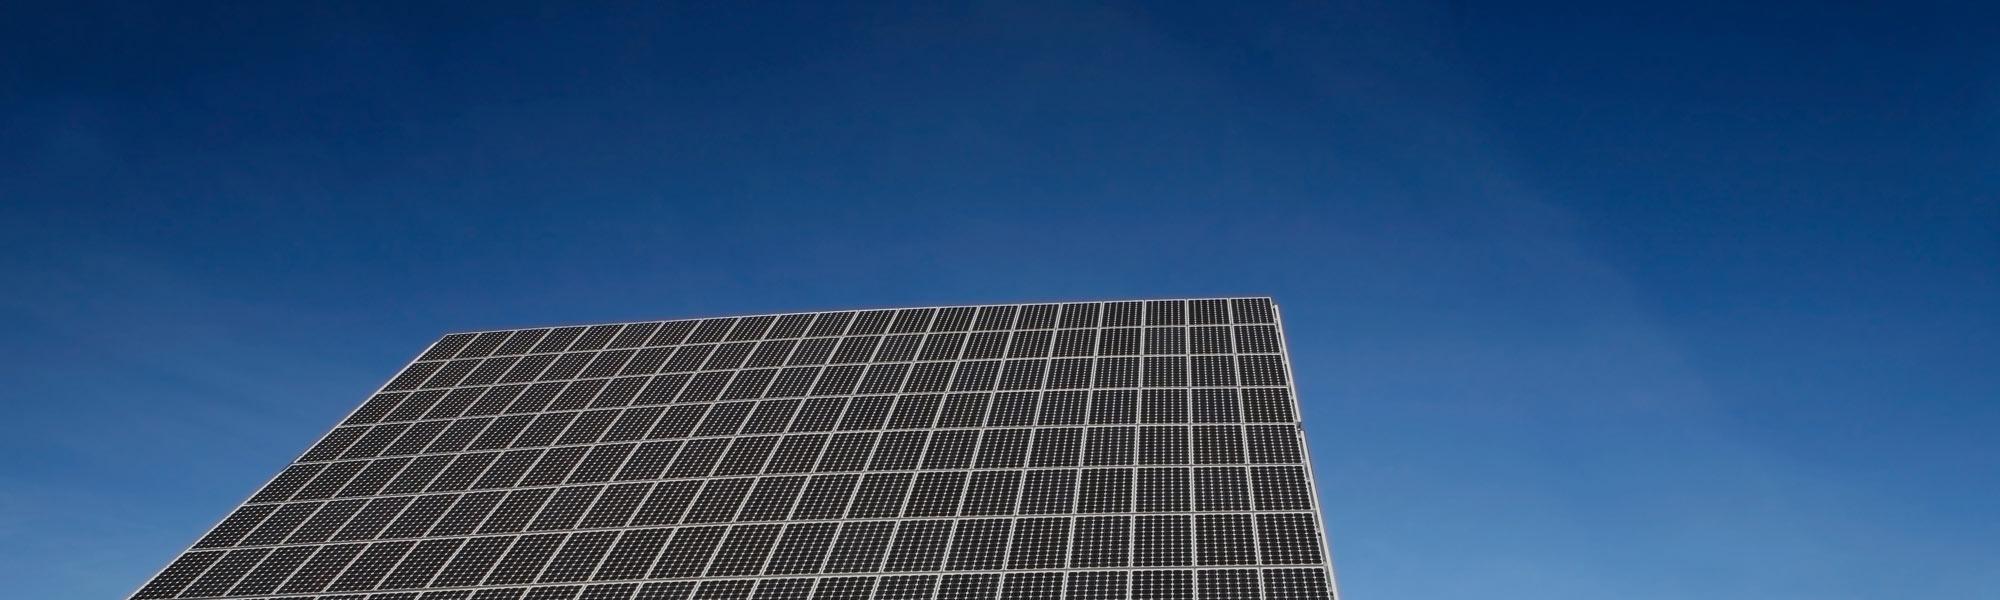 Blauwe-lucht-met-zonnepaneel